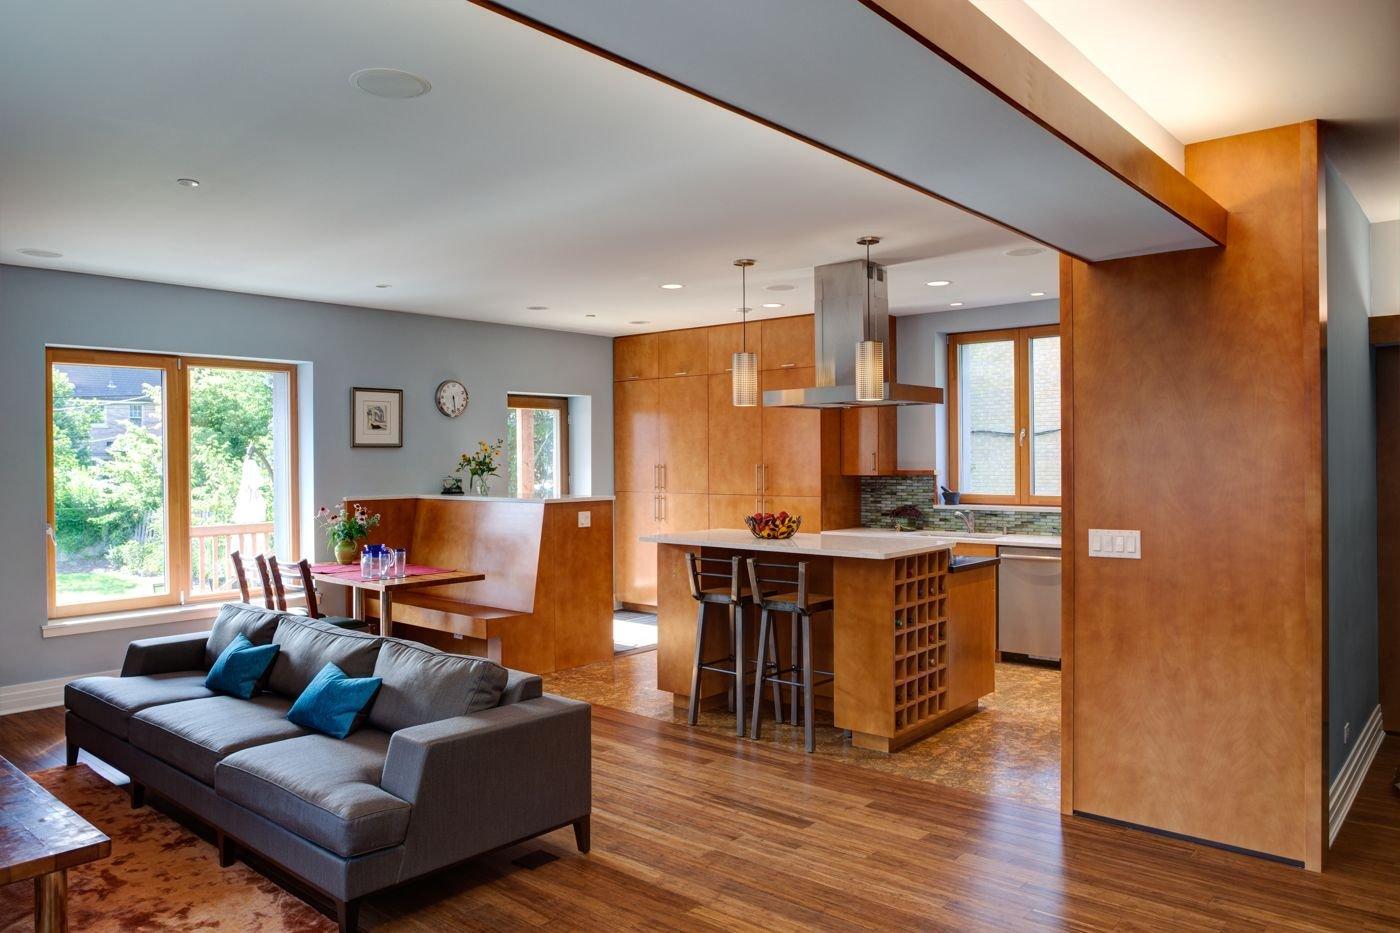 Passivhaus Main Interior